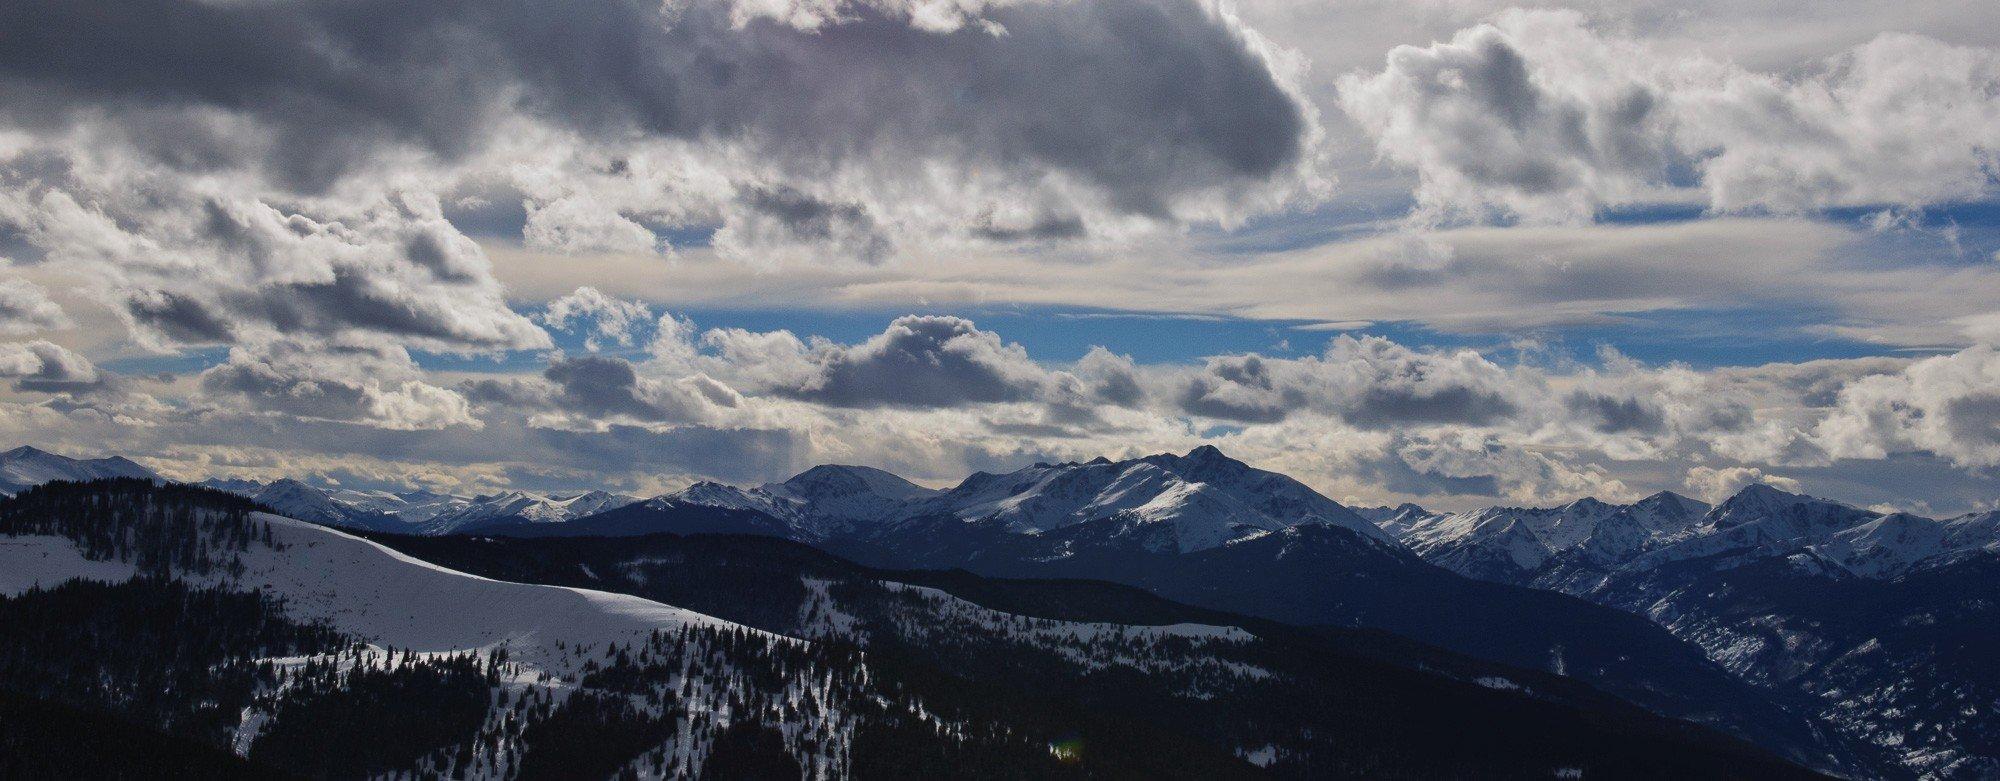 Colorado-Rockies